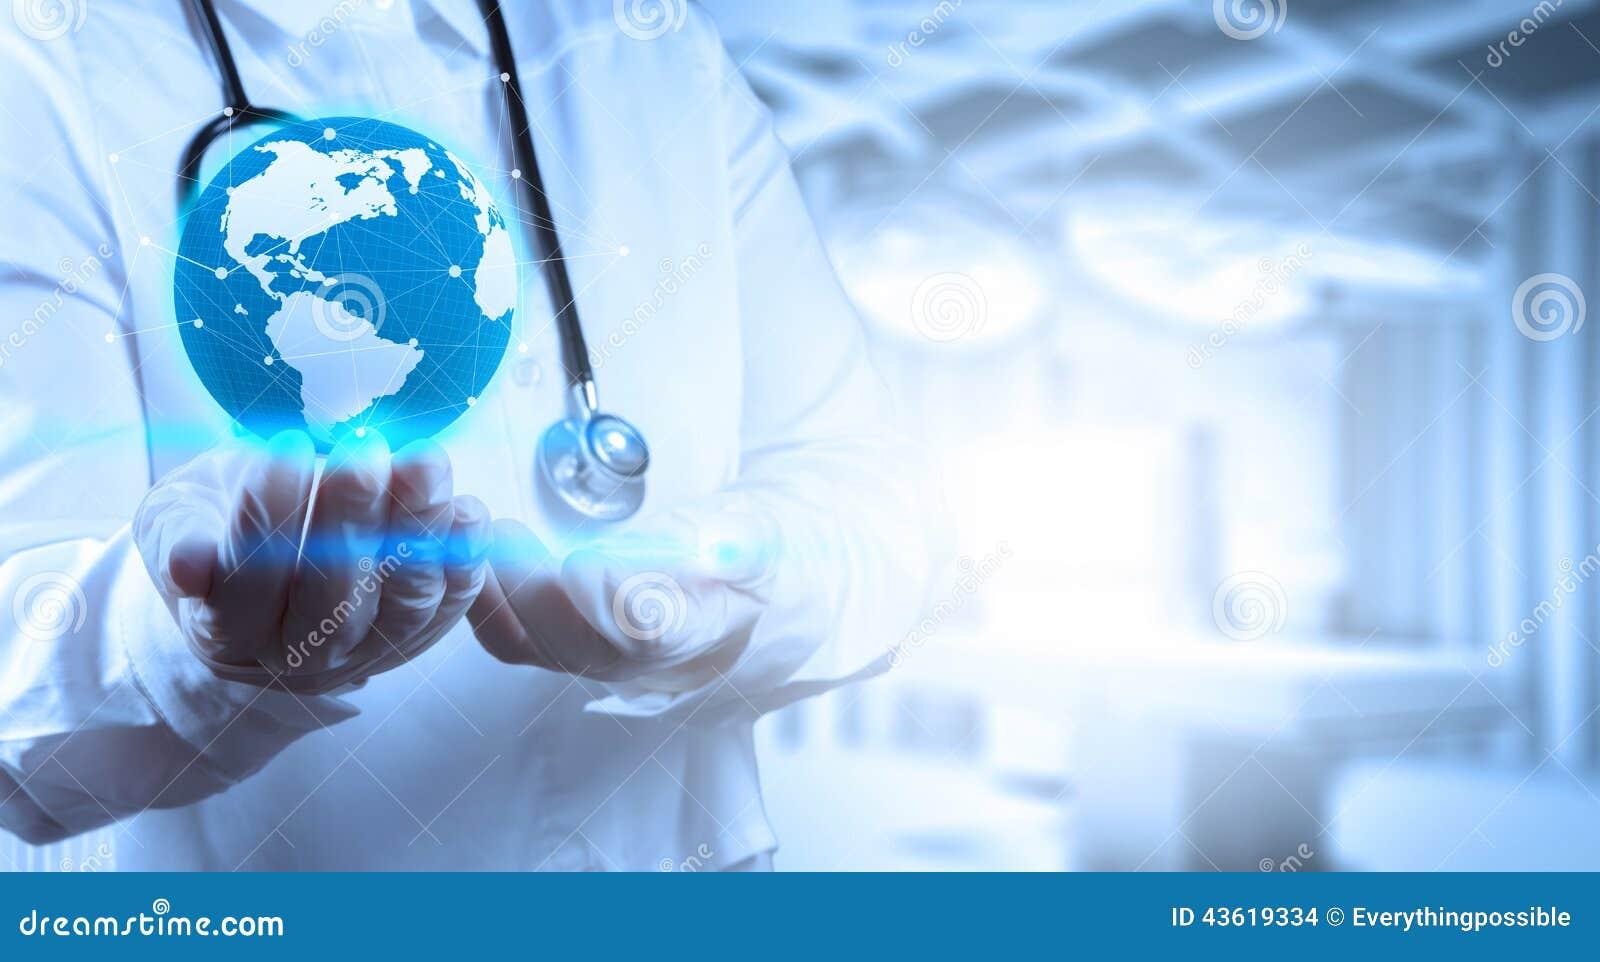 Arzt, der eine Weltkugel in seinen Händen hält